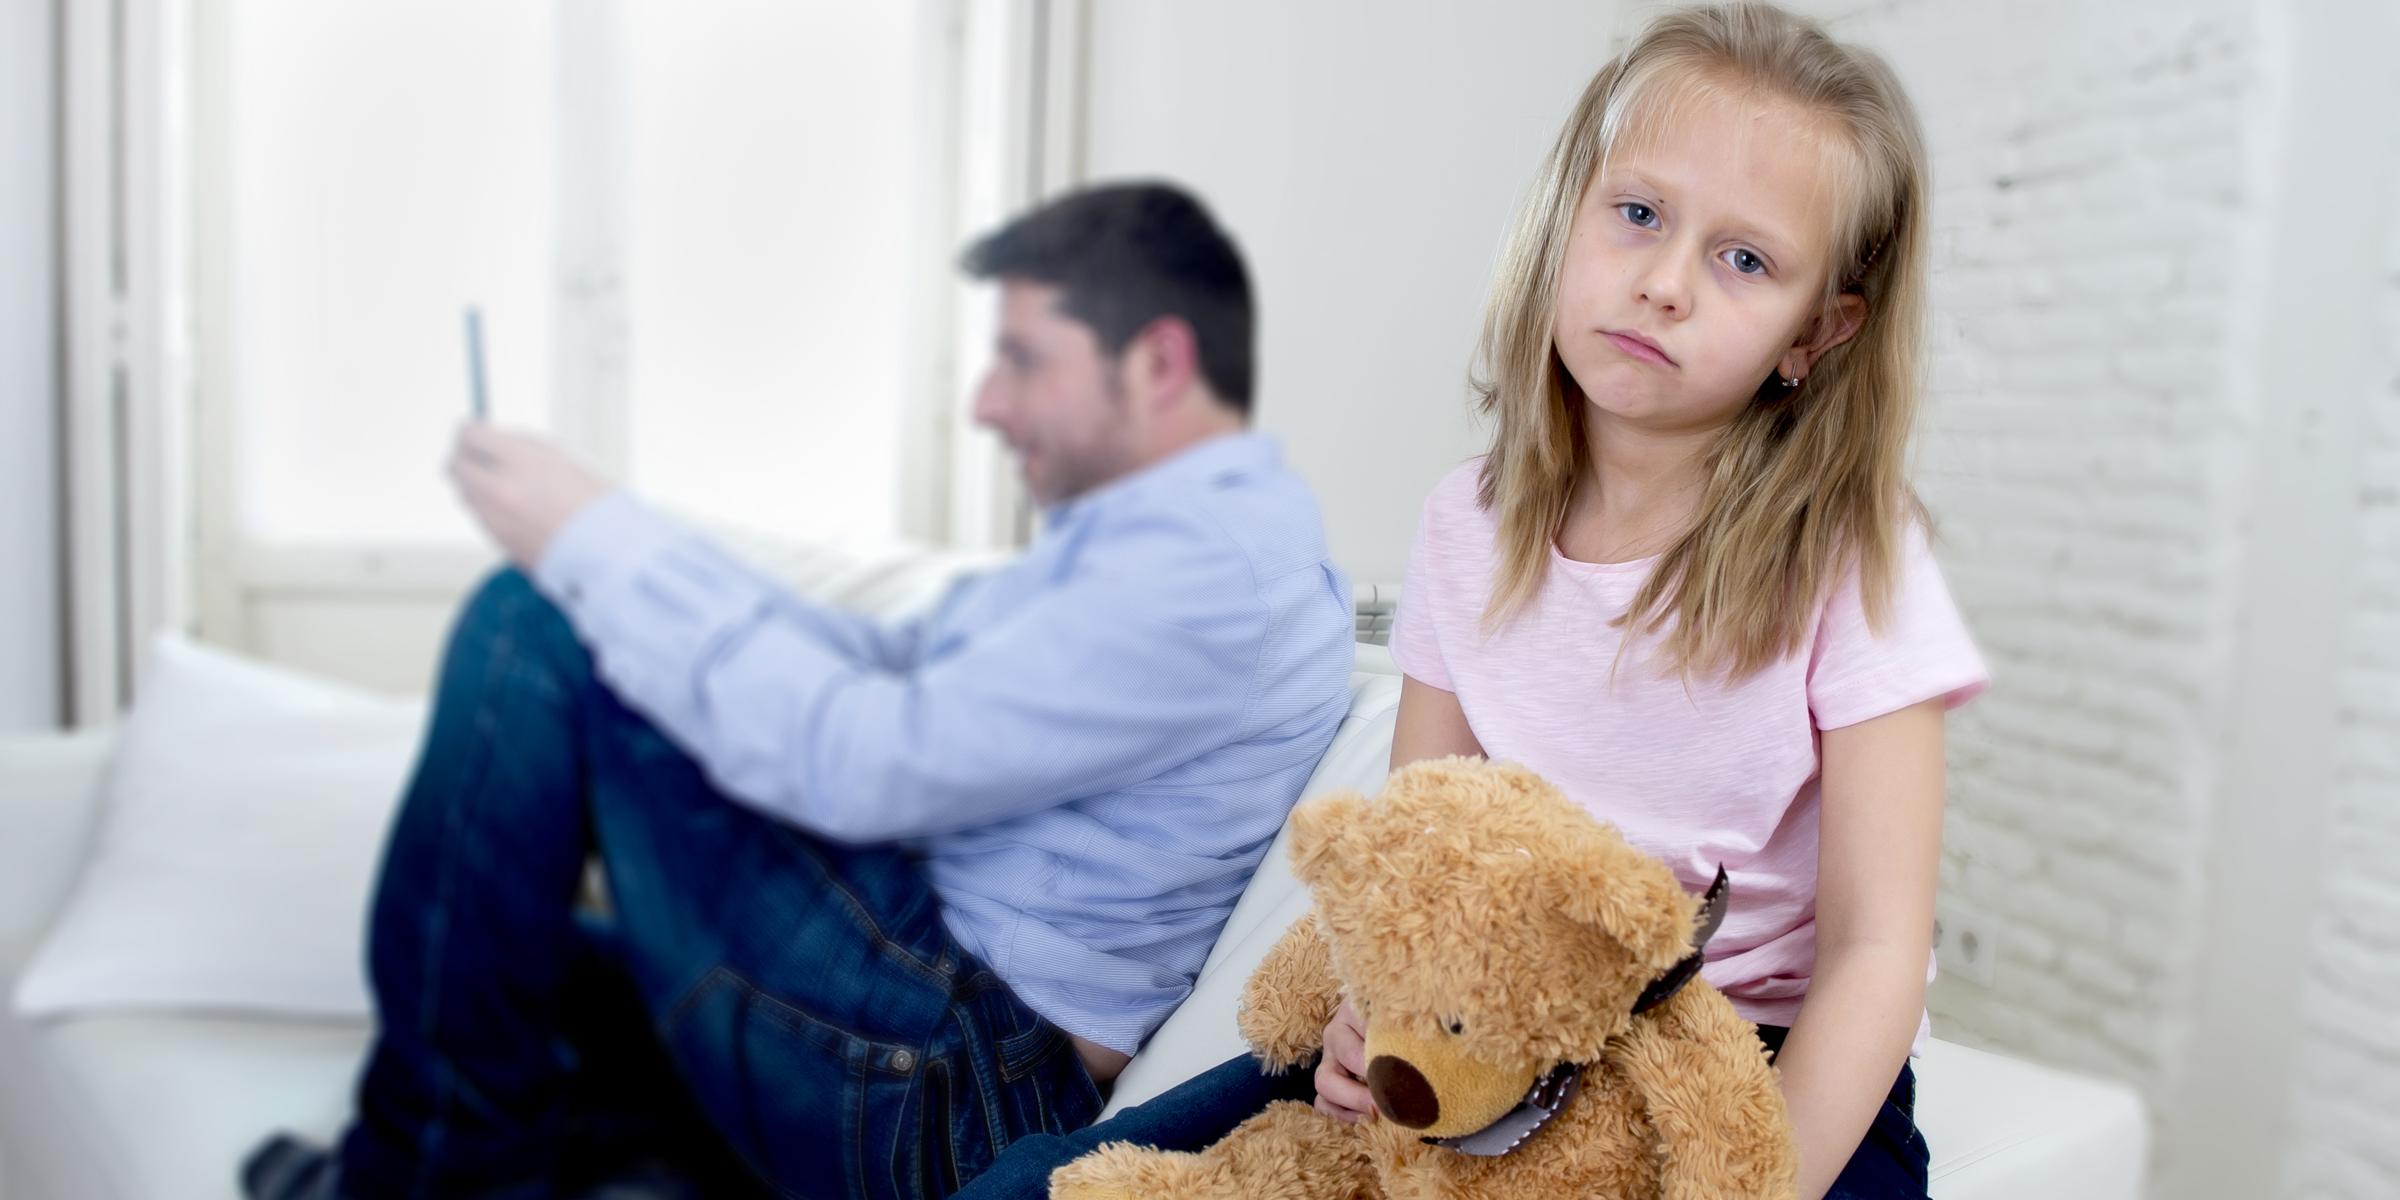 A gyermekkori szexualitás kérdései – mikor problémás és mi okozhatja? - Mindset Pszichológia